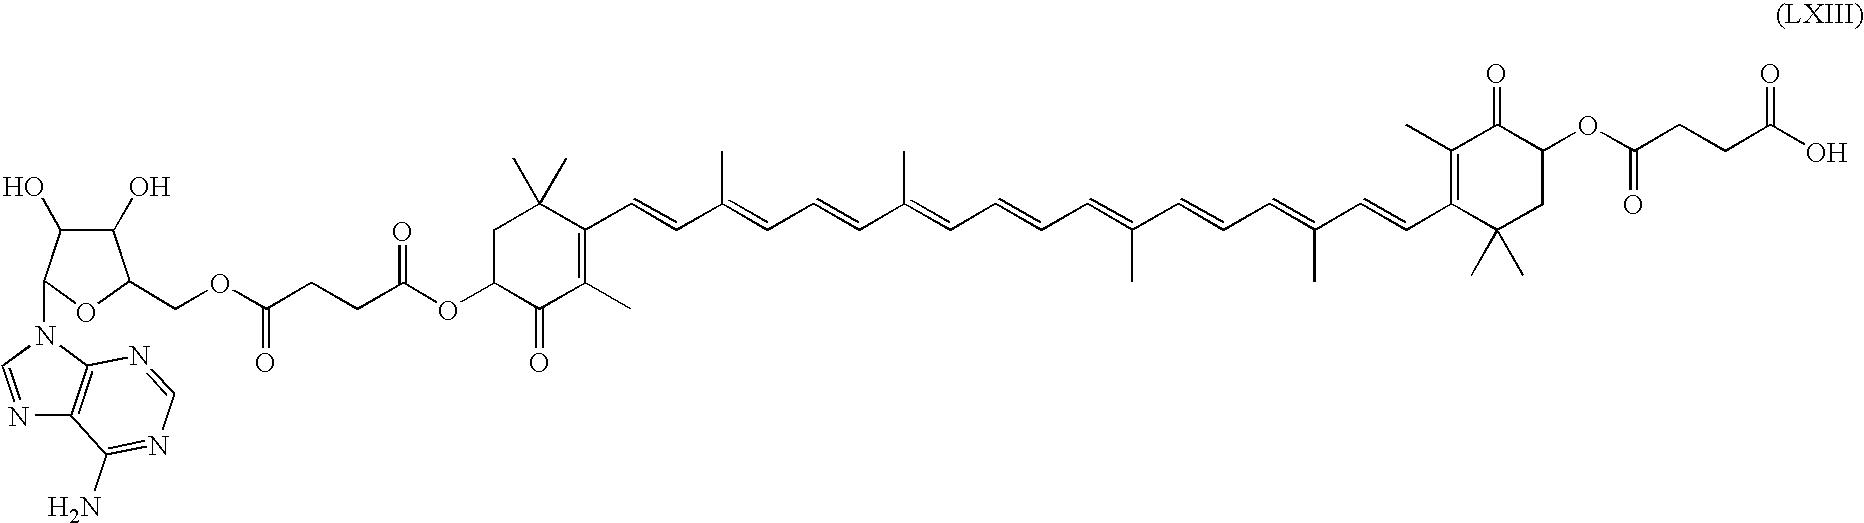 Figure US20050075337A1-20050407-C00082